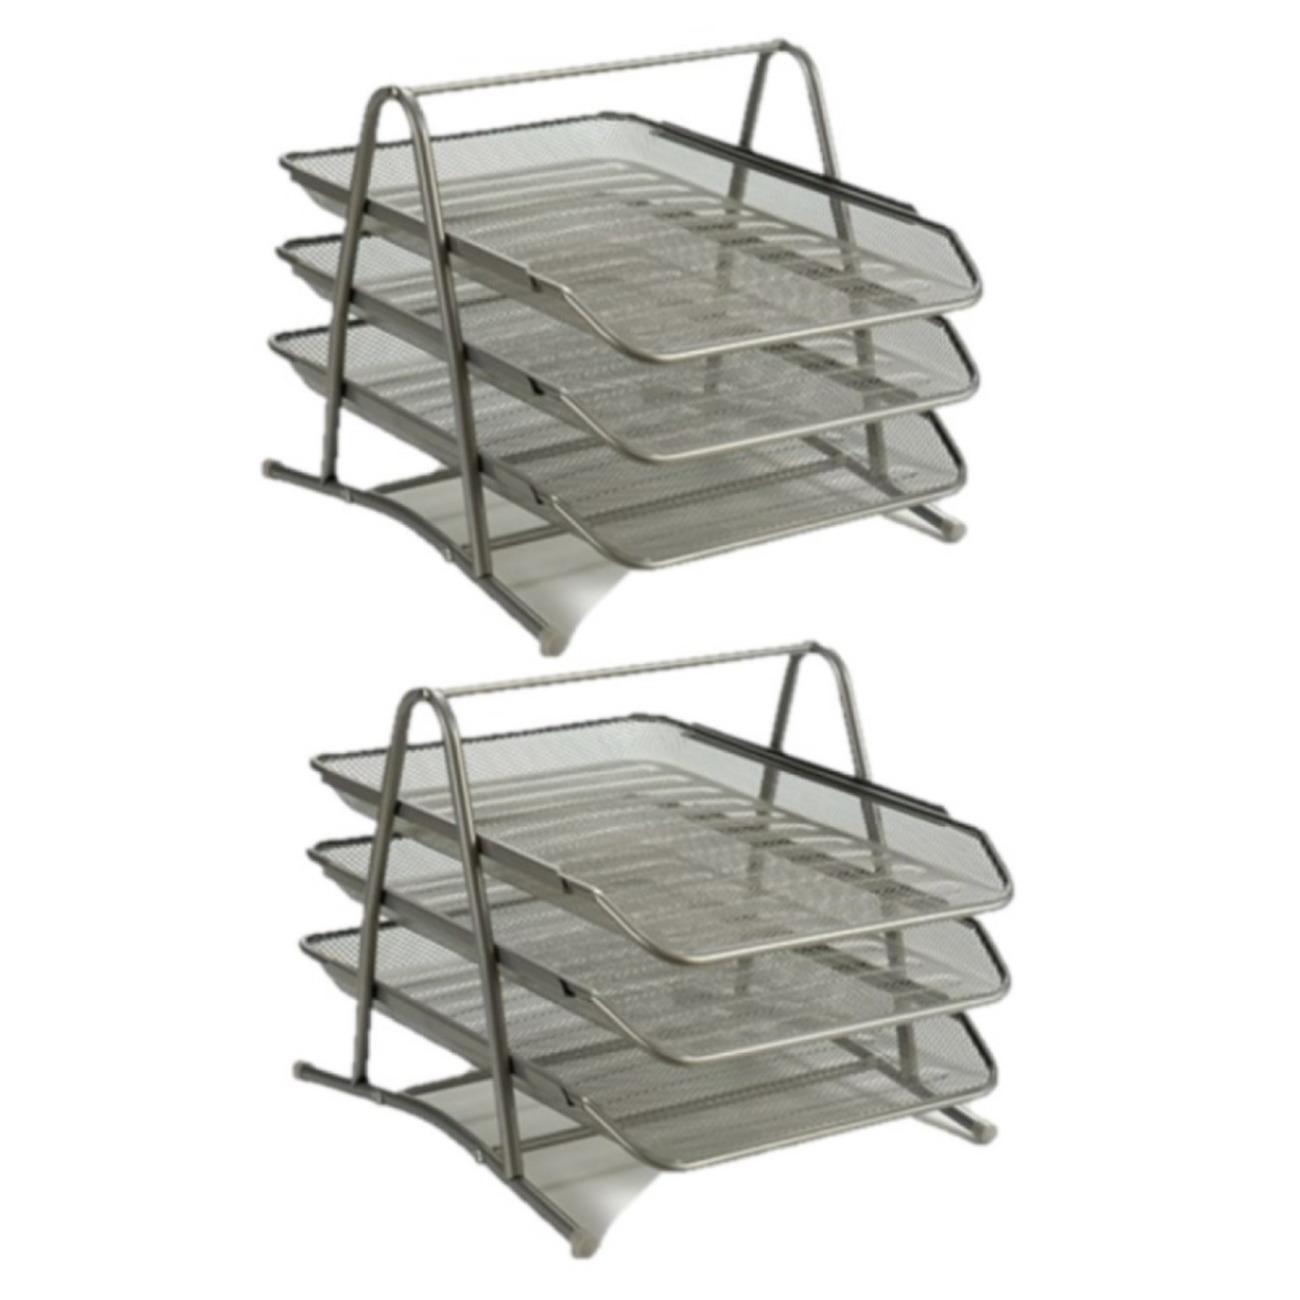 2x stuks postbakjejes postbakjes metaal grijs a4 formaat 10299675